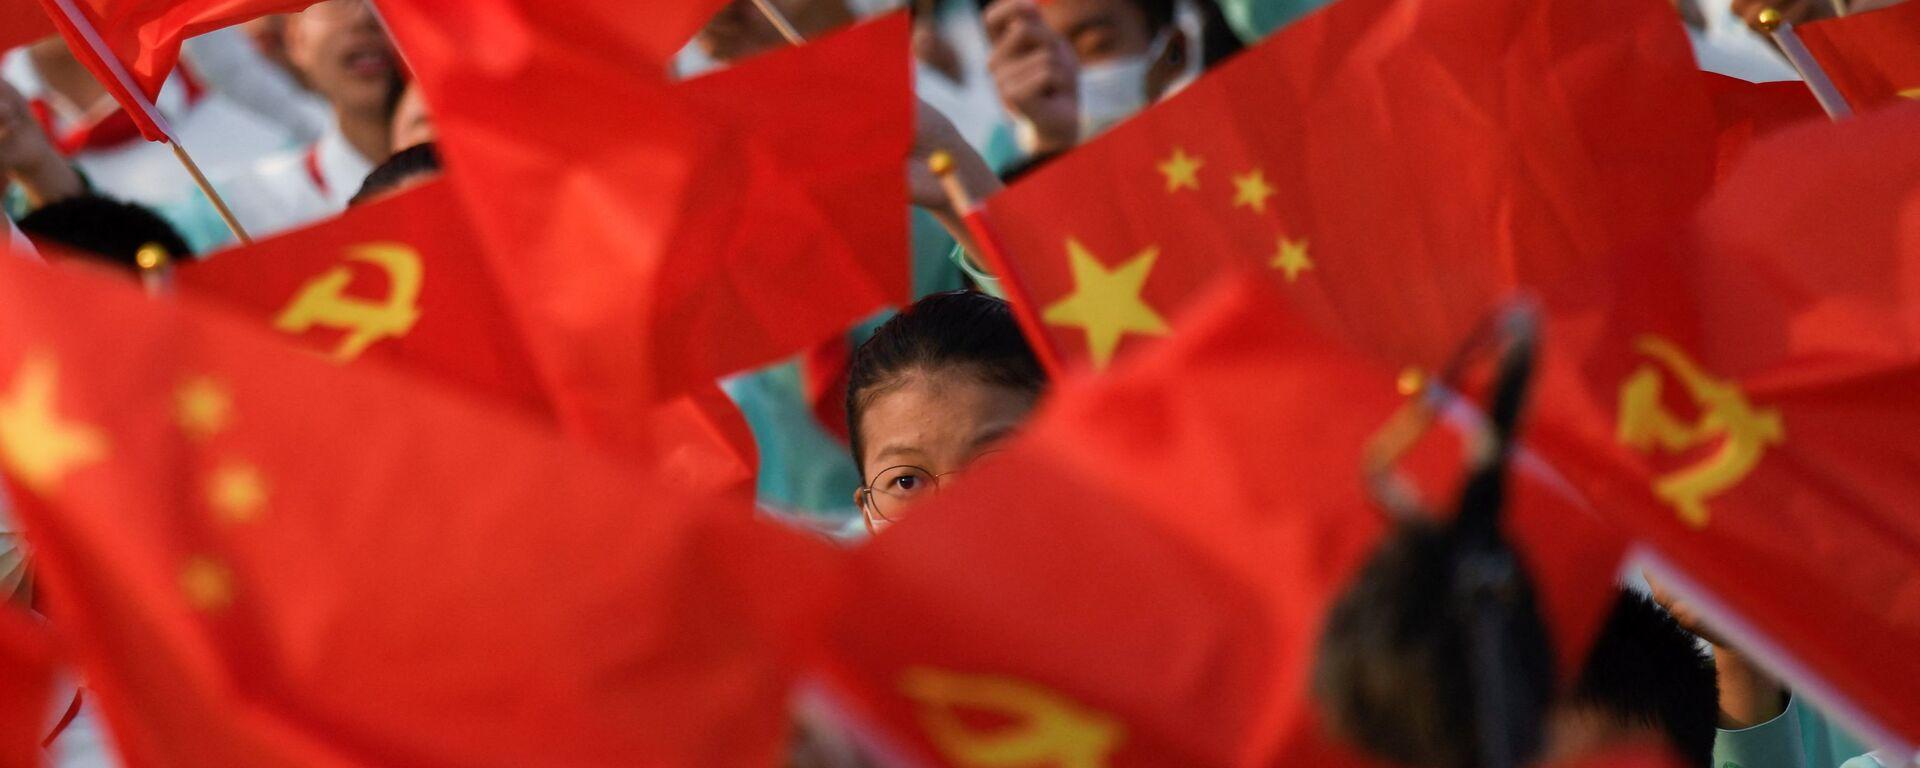 Banderas de China y las del Partido Comunista de China - Sputnik Mundo, 1920, 01.07.2021